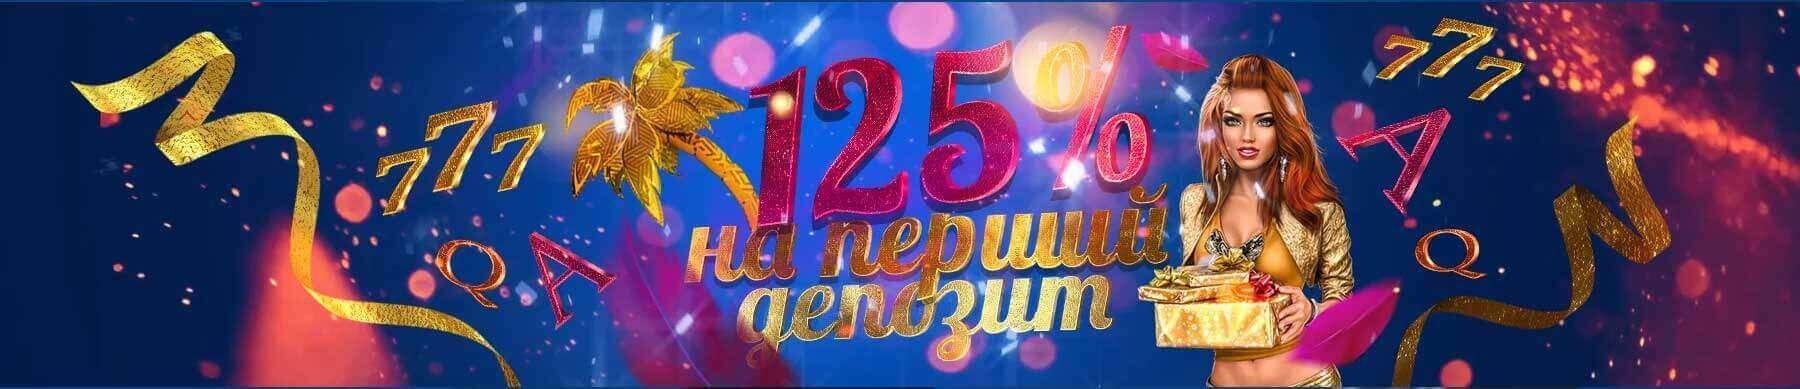 Бонус за первый зепозит в казино Золотой Кубок в размере 125% от суммы пополнения!